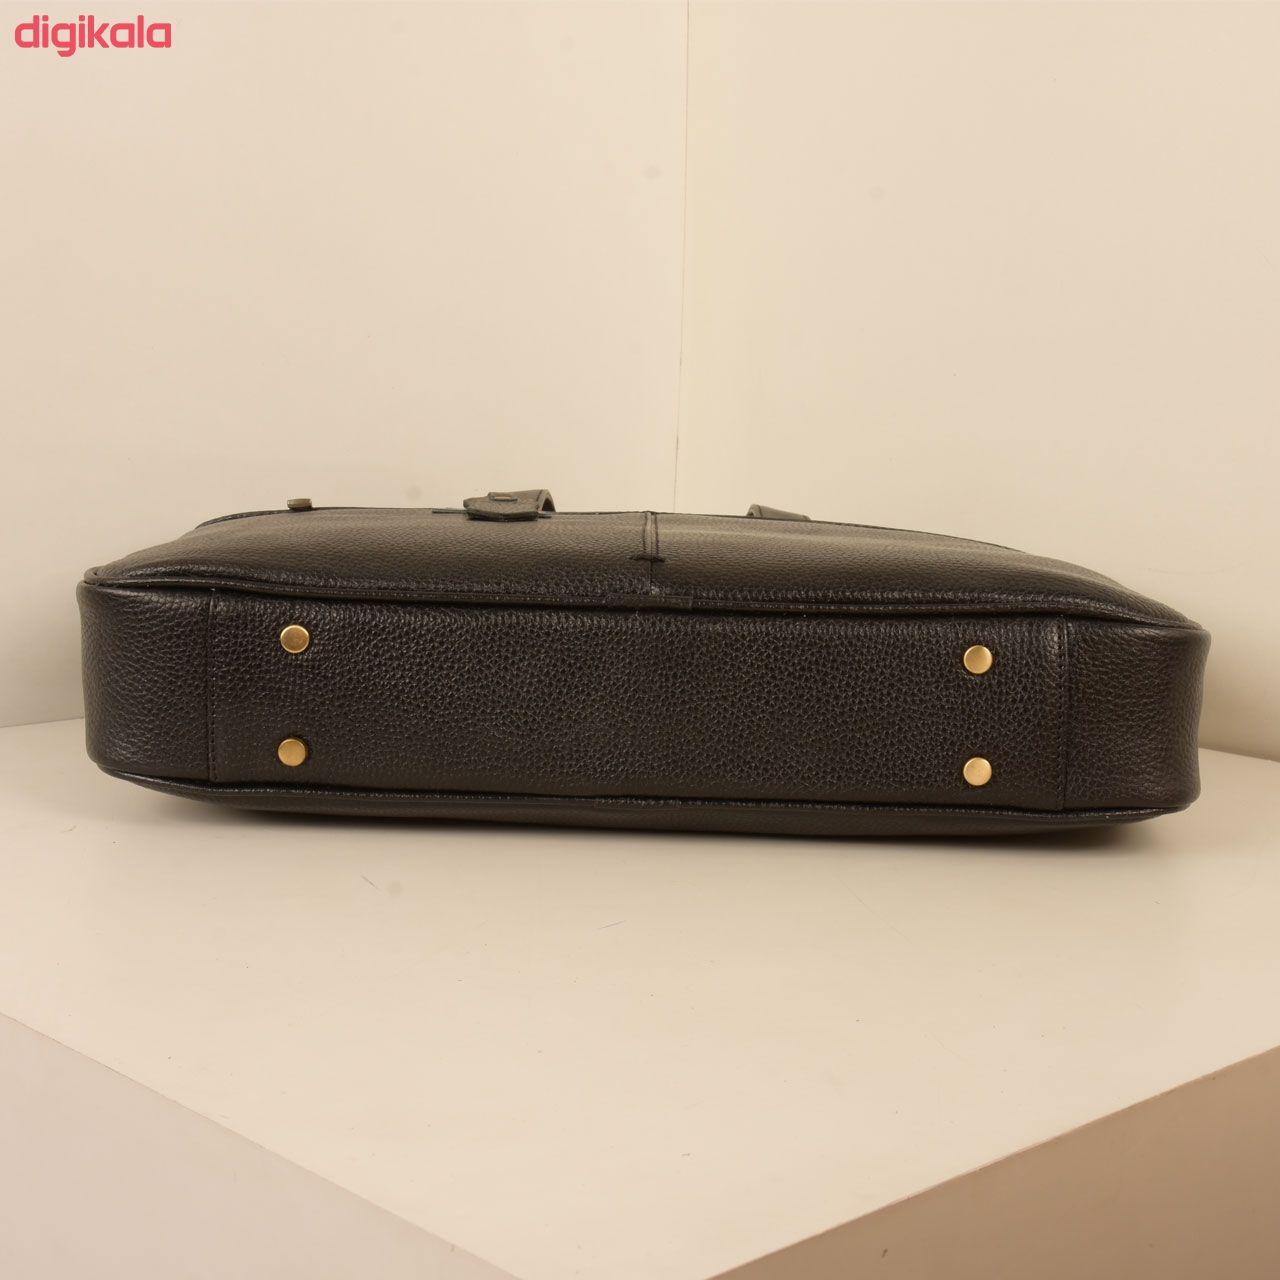 کیف اداری مردانه پارینه چرم مدل L159 main 1 4